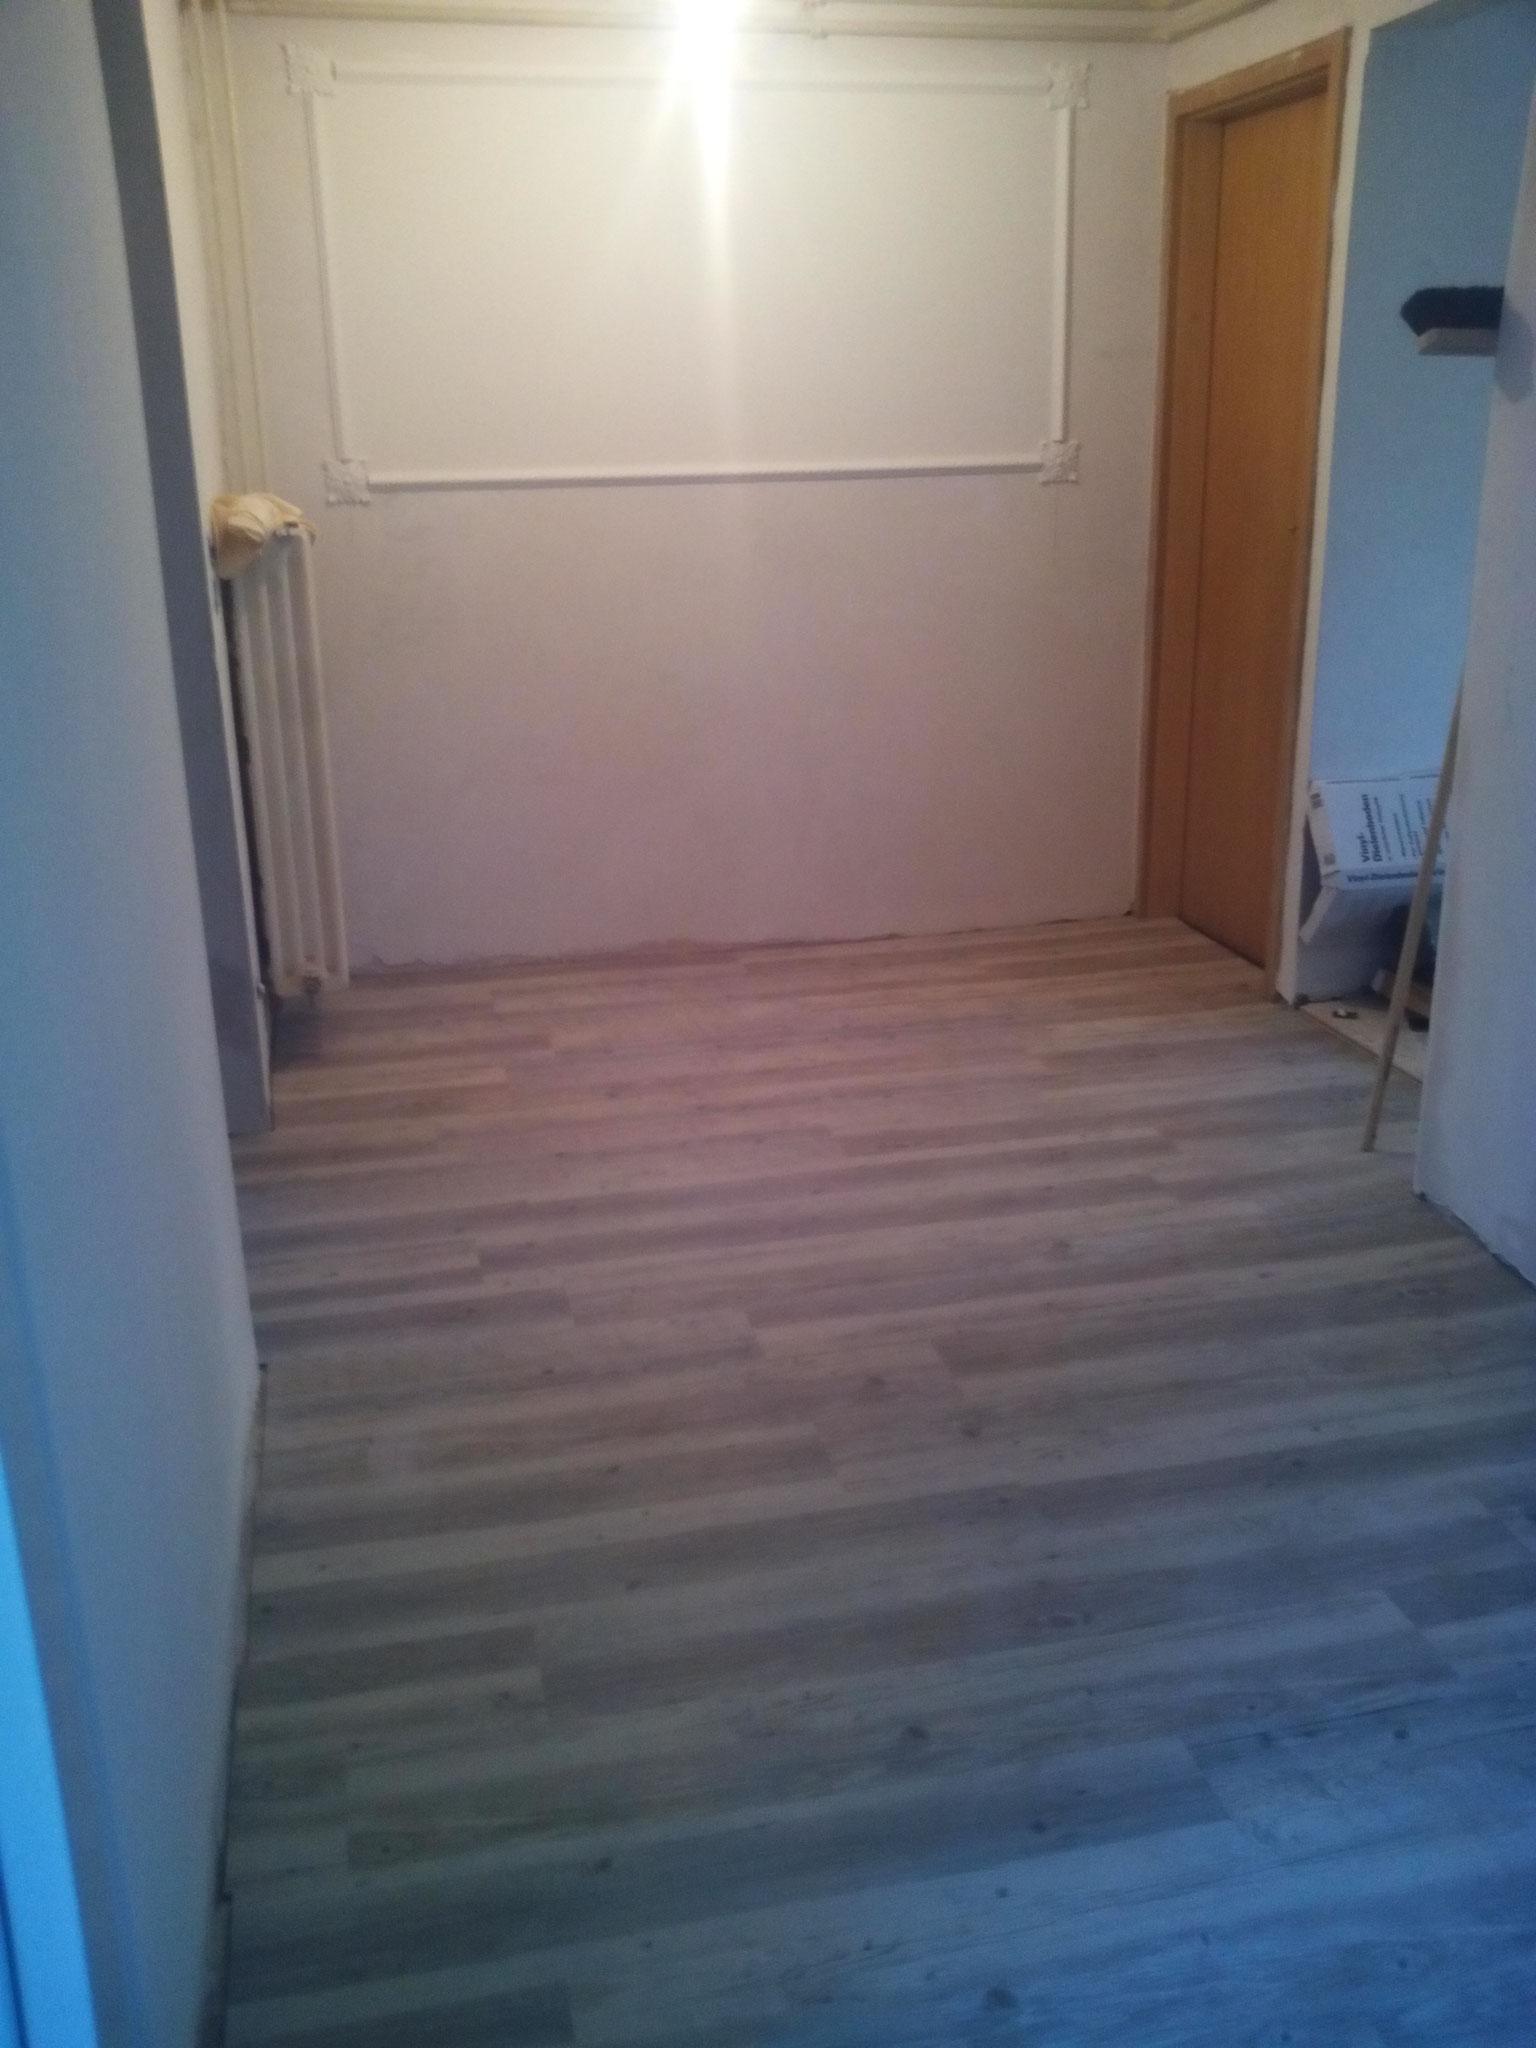 Küche nach Fertigstellung: glatt gespachtelte Wände,Vinyl-Fußboden